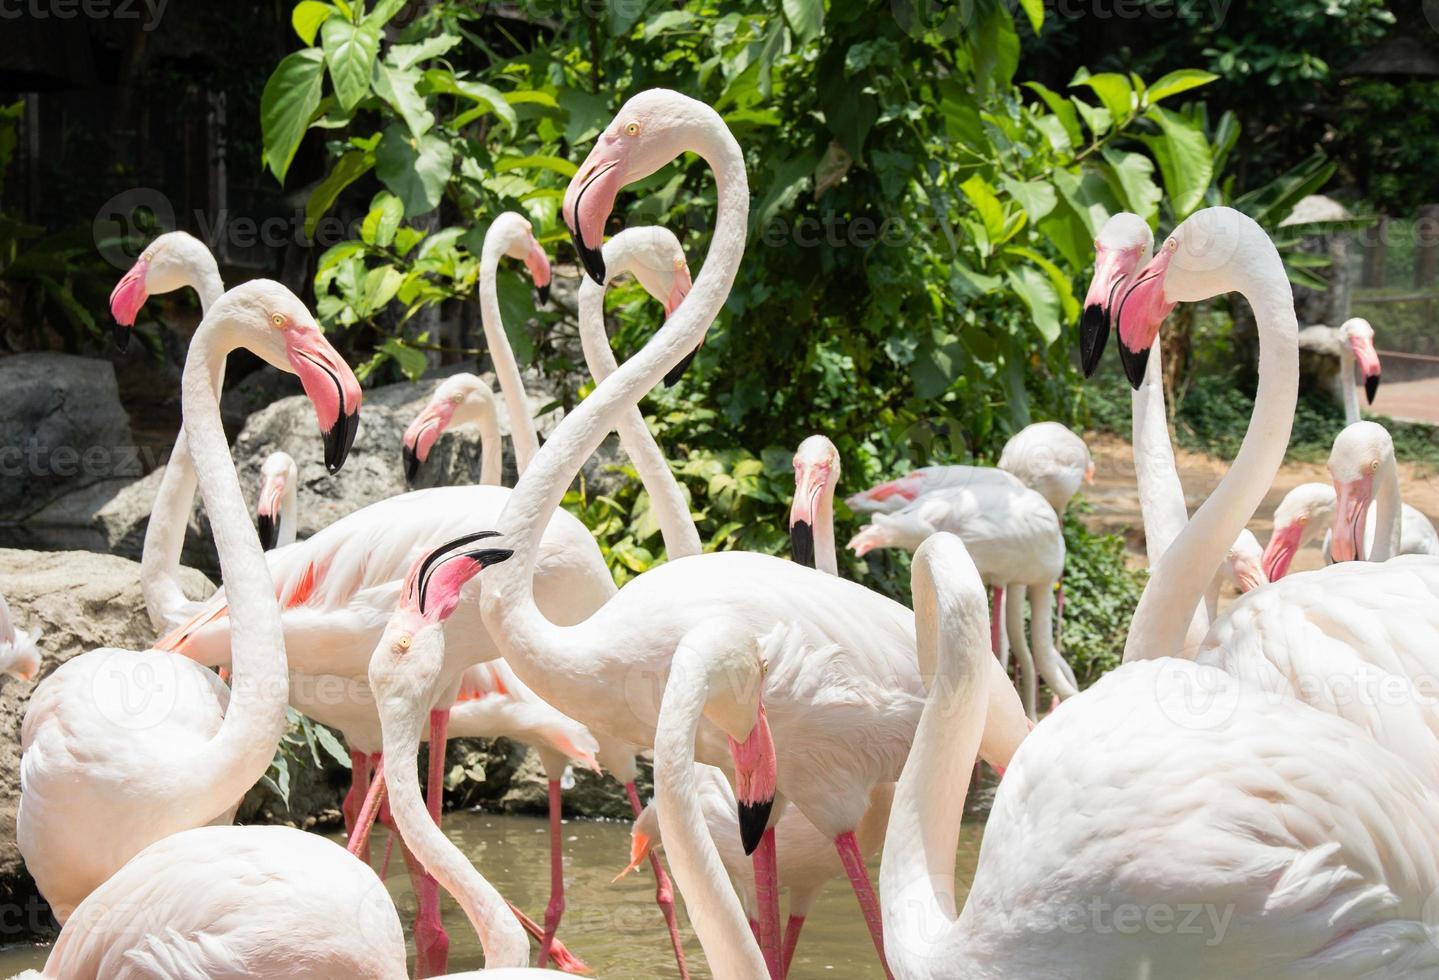 fenicottero nello zoo foto